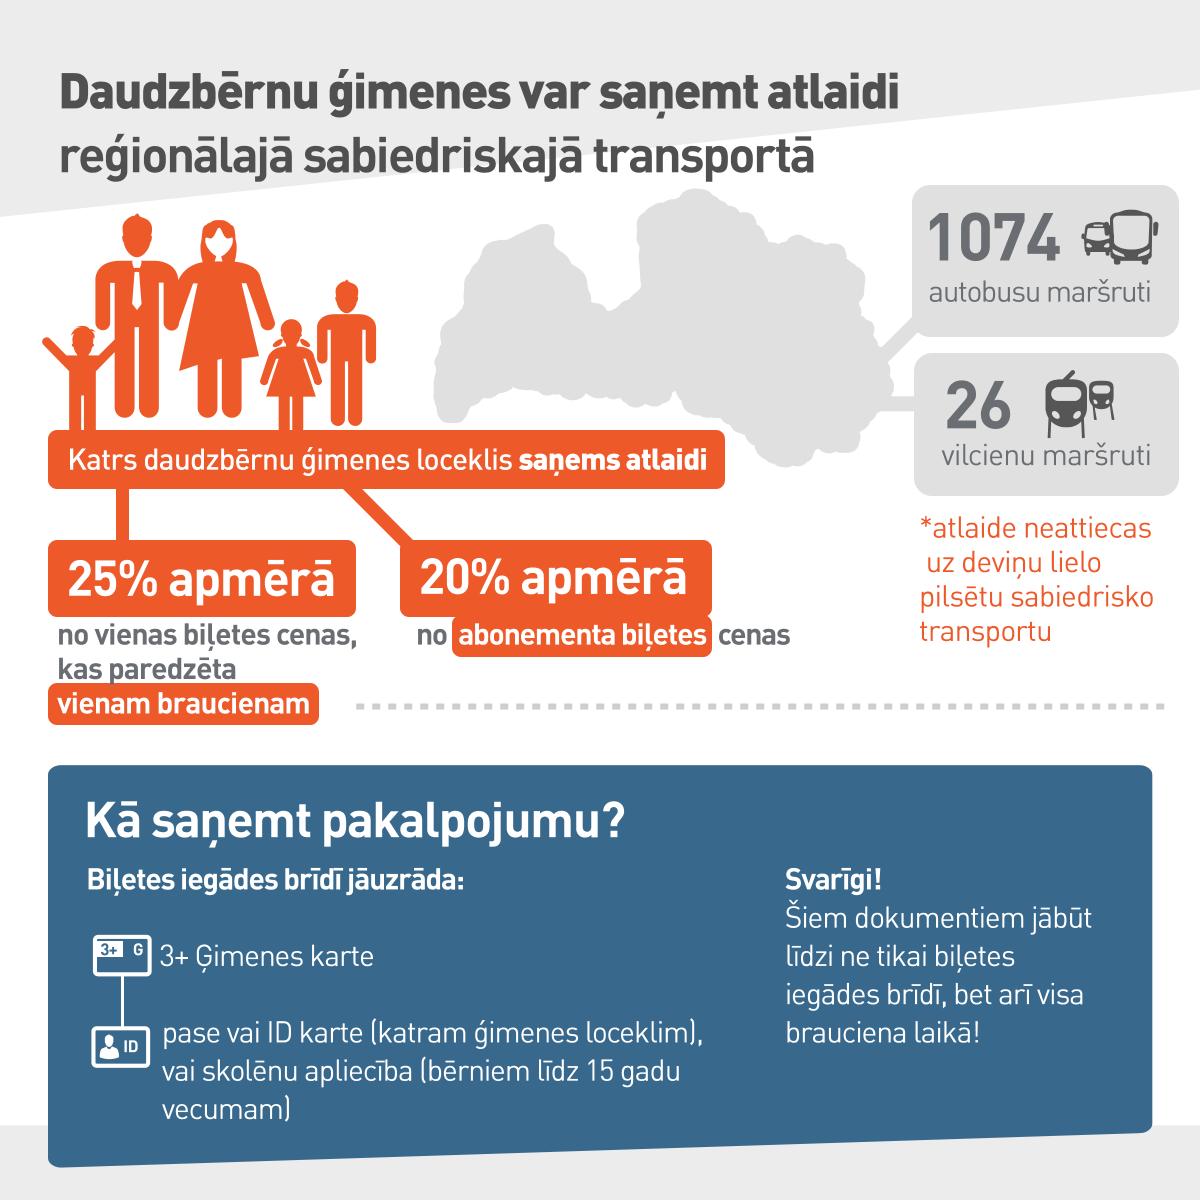 daudzbernu_gimenes_infografika_2-2